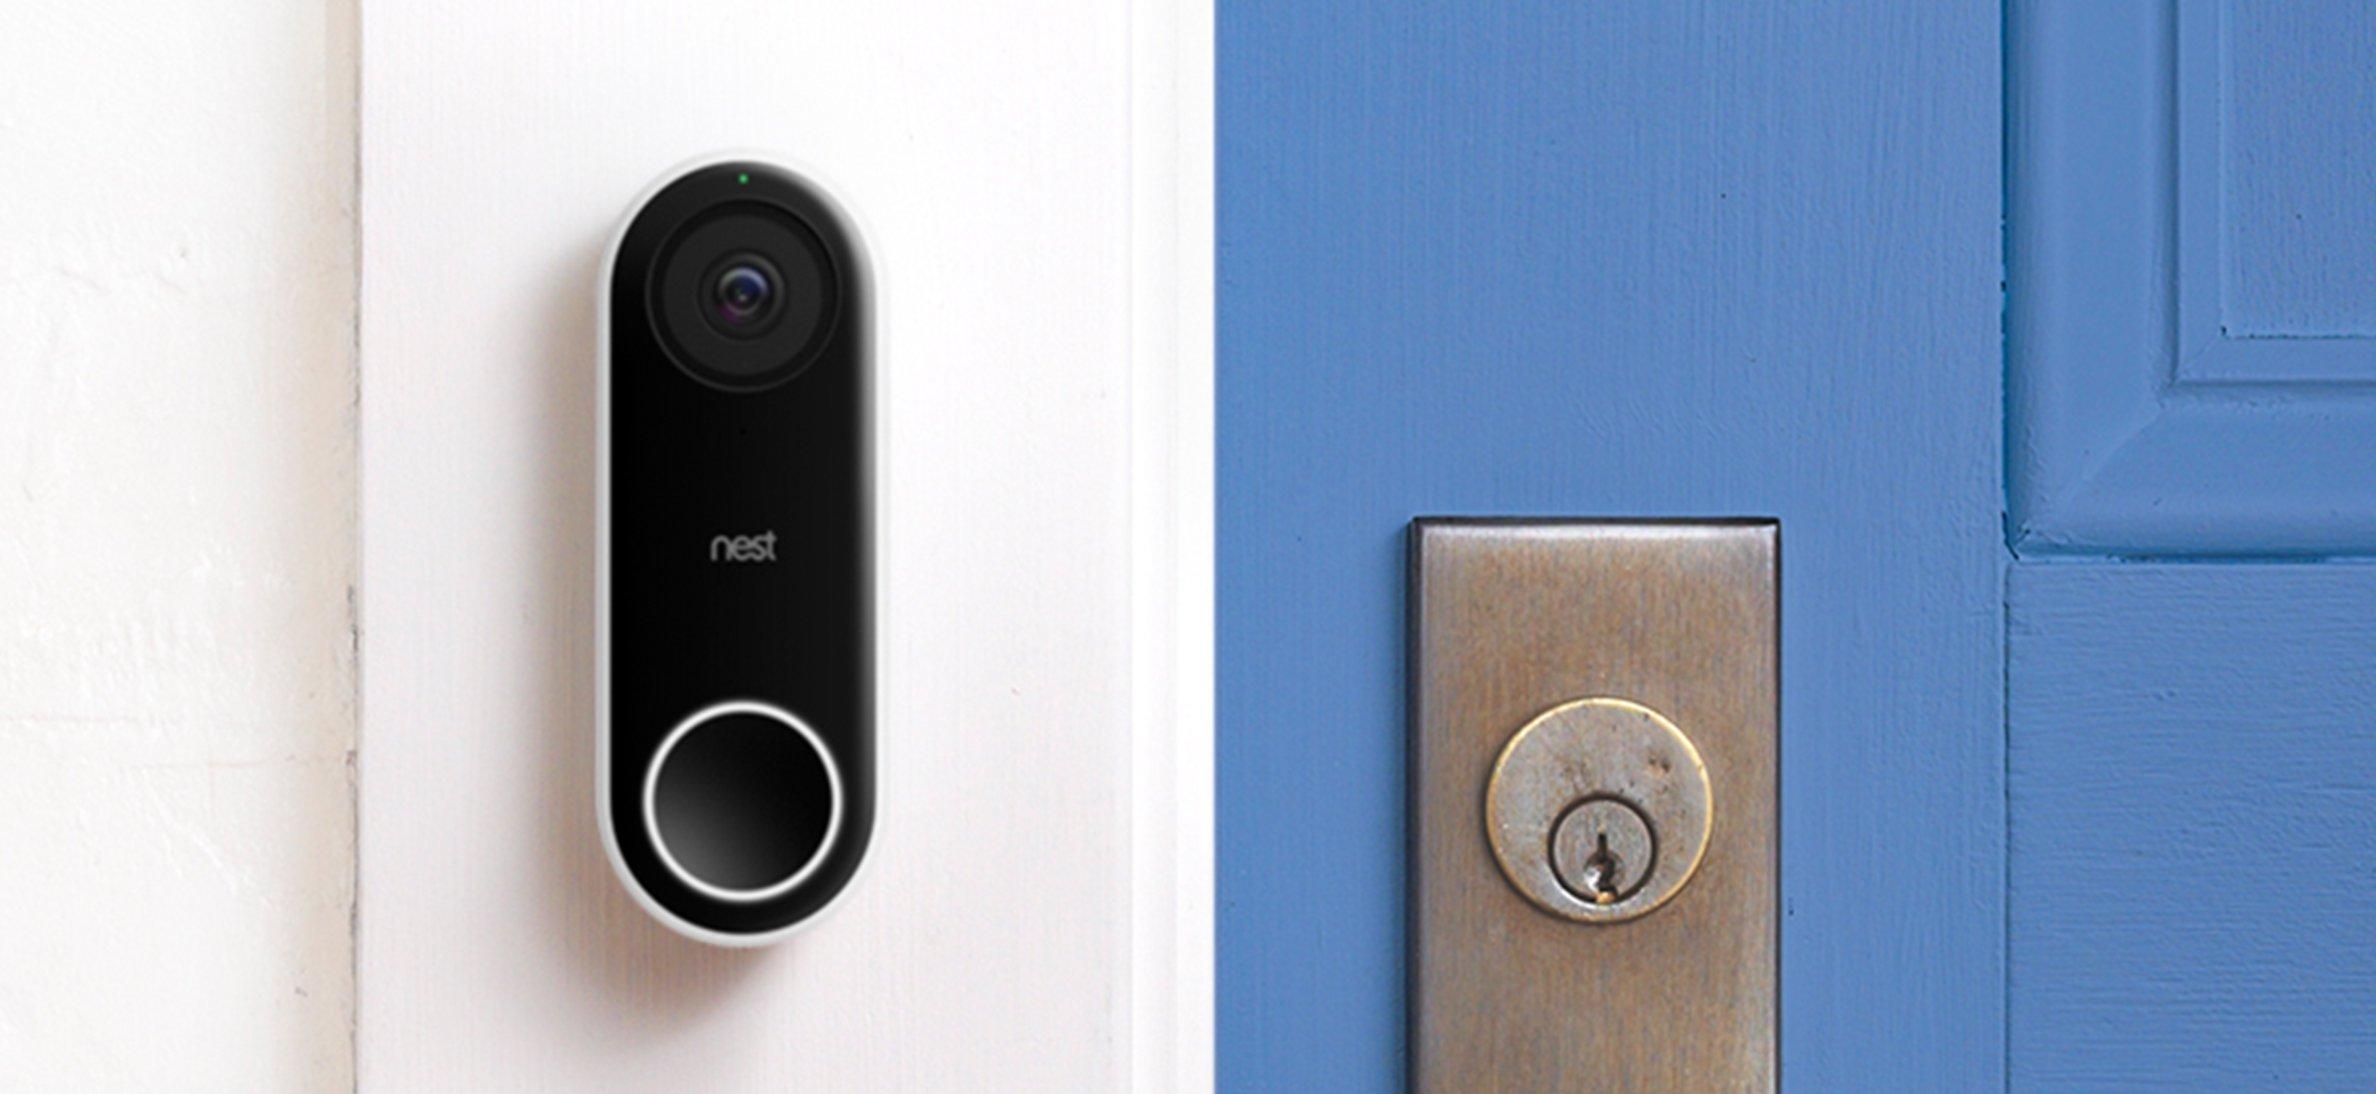 Nest Hello - Smart Door Bell